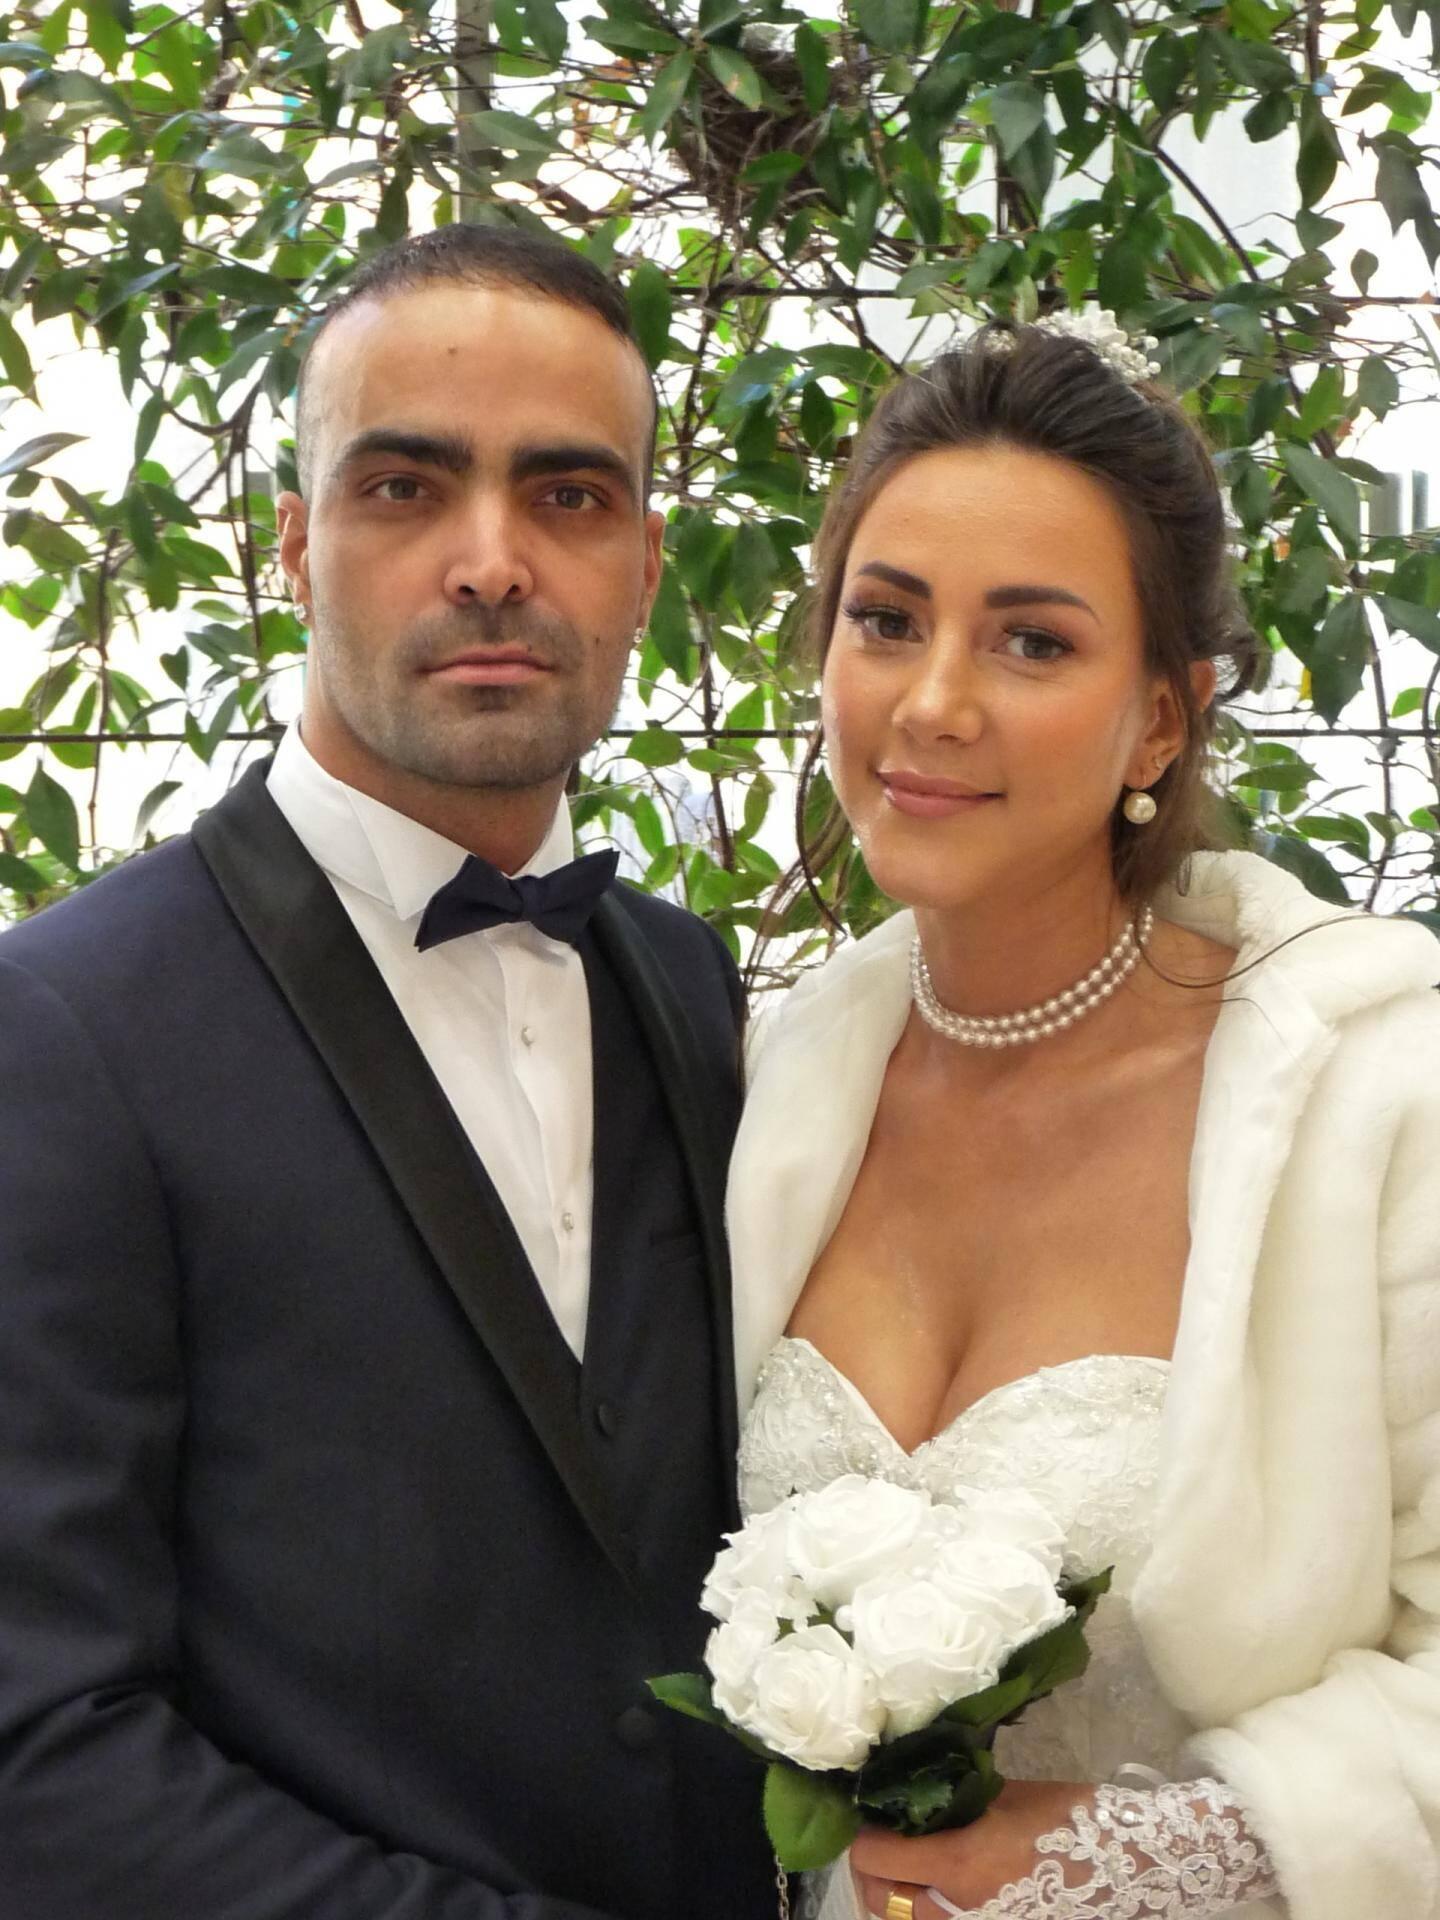 Fabio Almeida Martins, livreur, et Aurélie Bianchi, assistante commerciale.